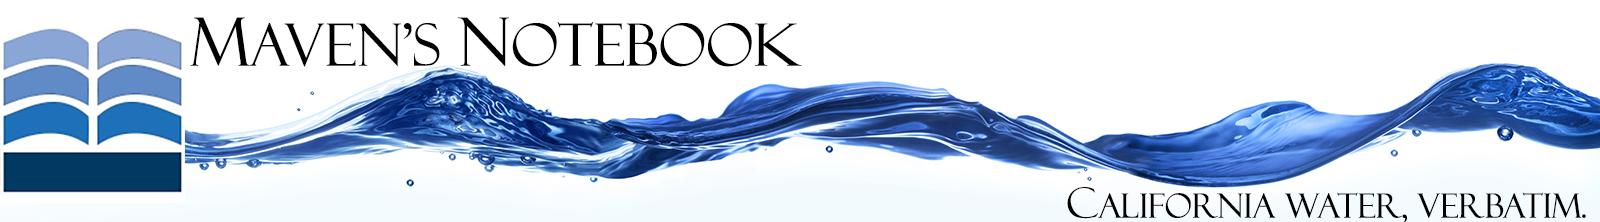 MAVEN'S NOTEBOOK | Water news logo